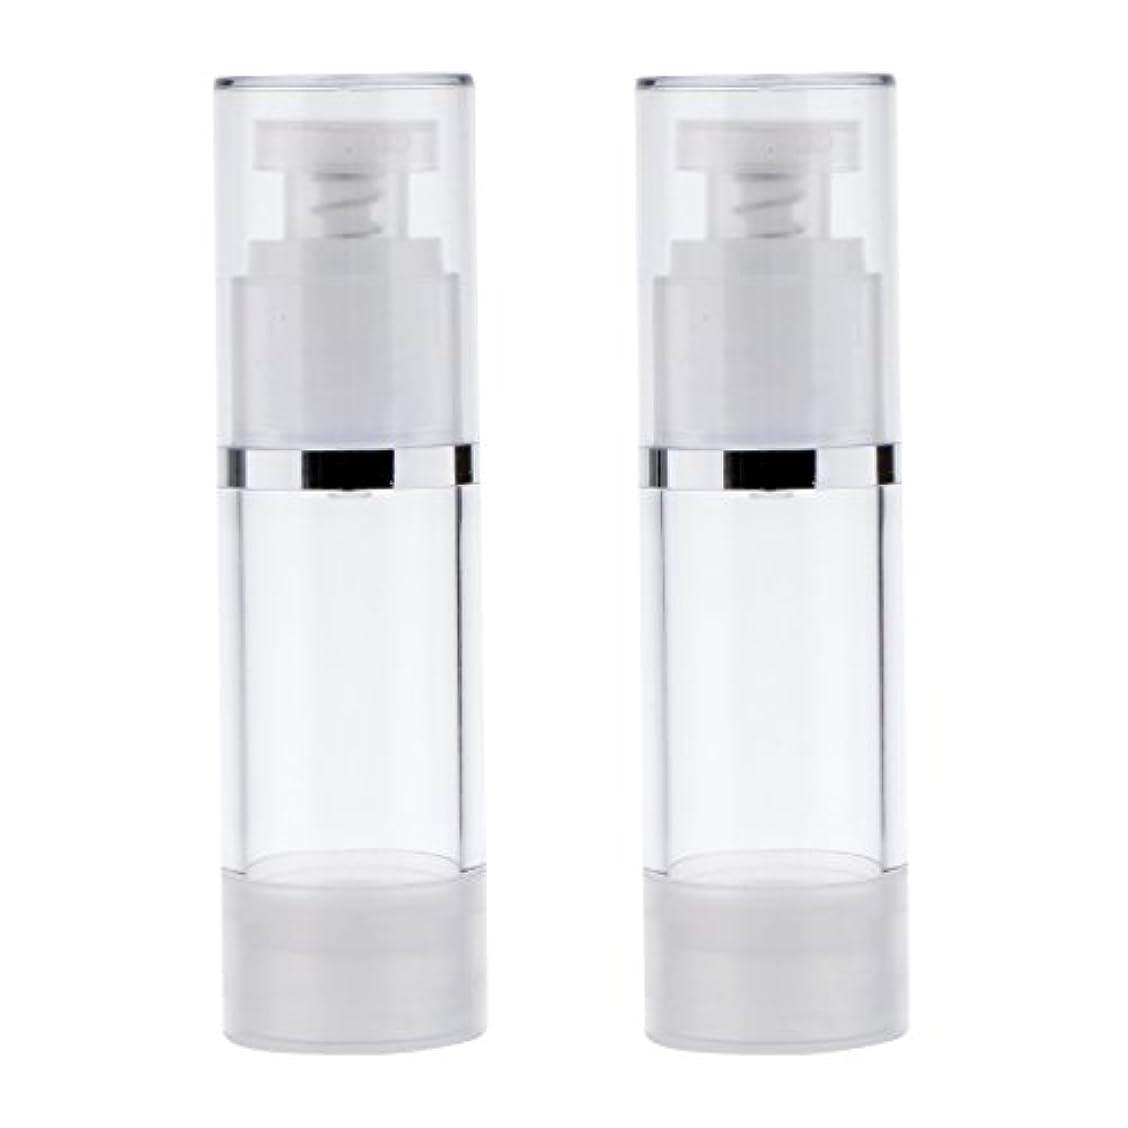 溝報奨金大学院2個 ポンプボトル ポンプチューブ エアレスボトル ディスペンサー コスメ 詰替えボトル 旅行小物 出張 3サイズ選べる - 30ml